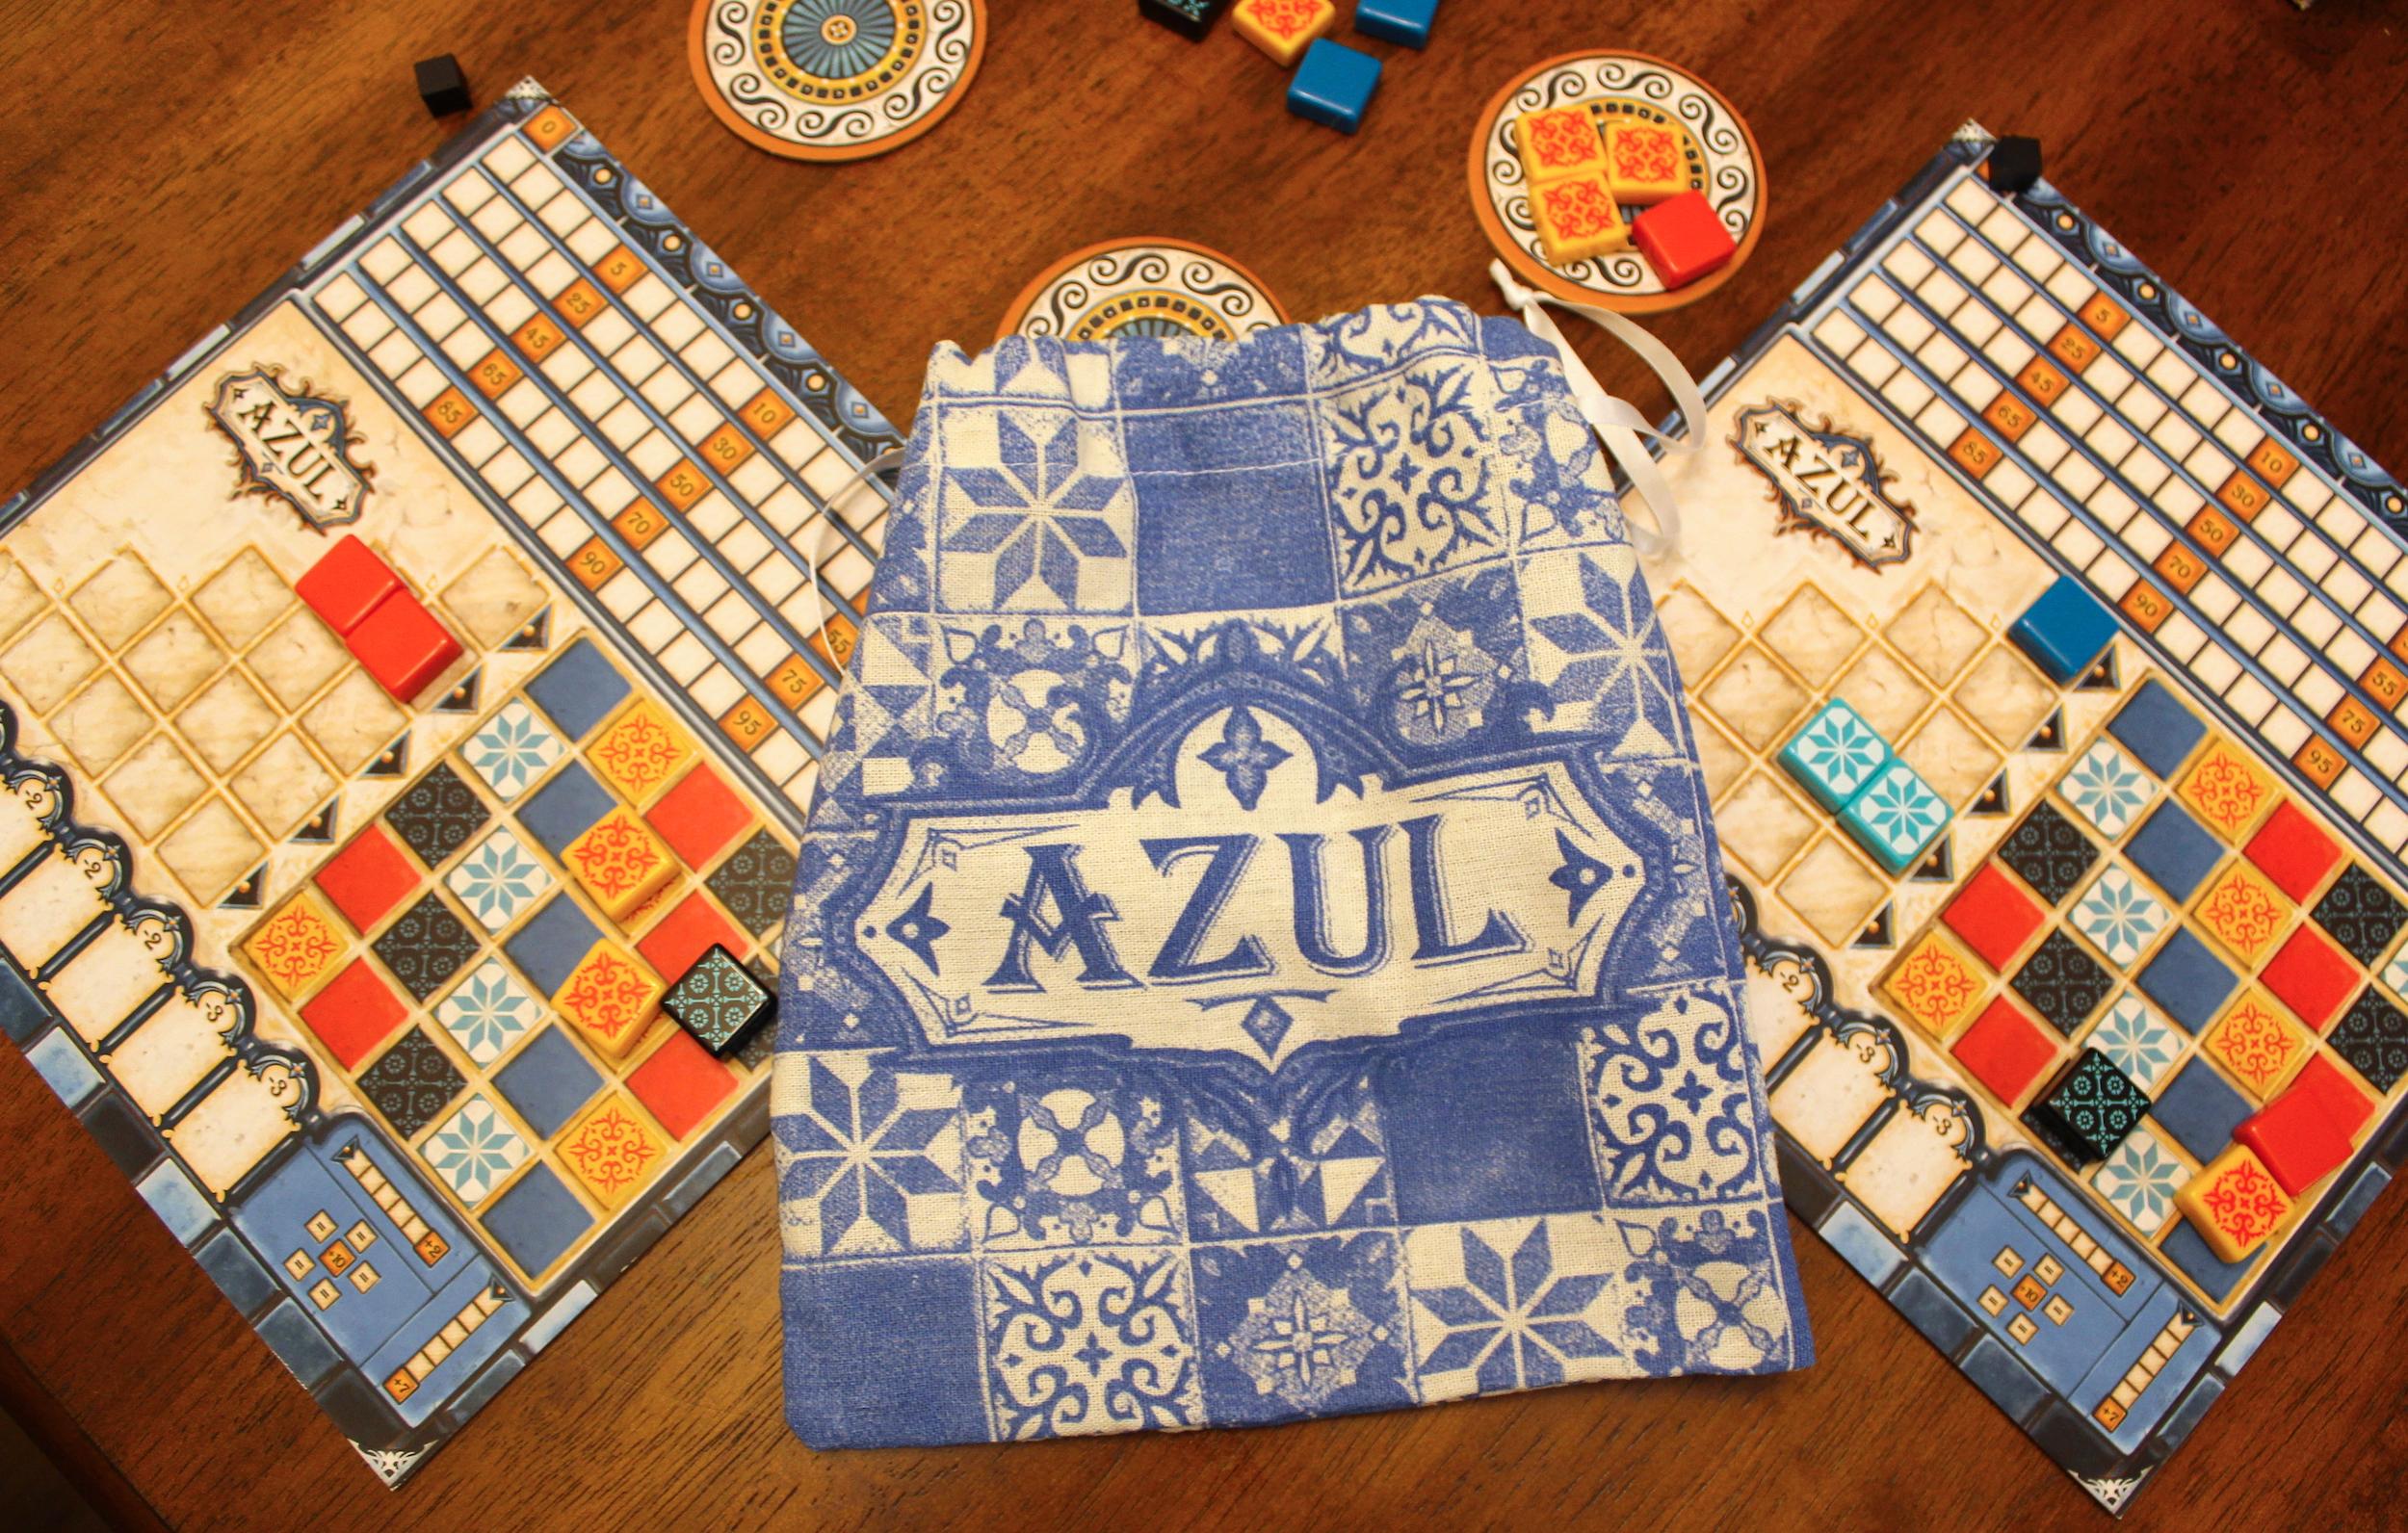 <em>Azul</em> even comes with its own custom-printed bag.